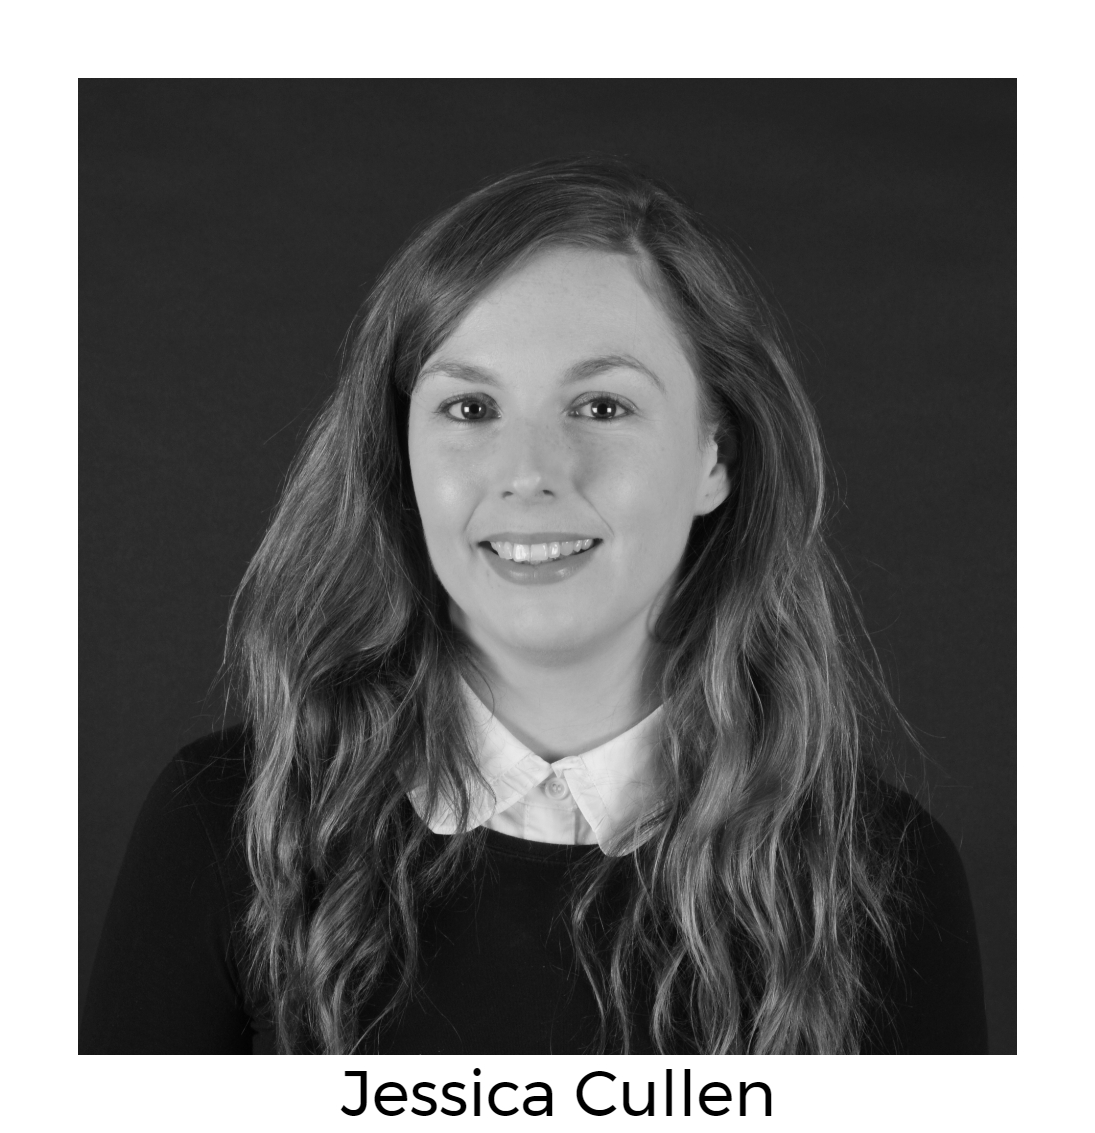 Jessica Cullen